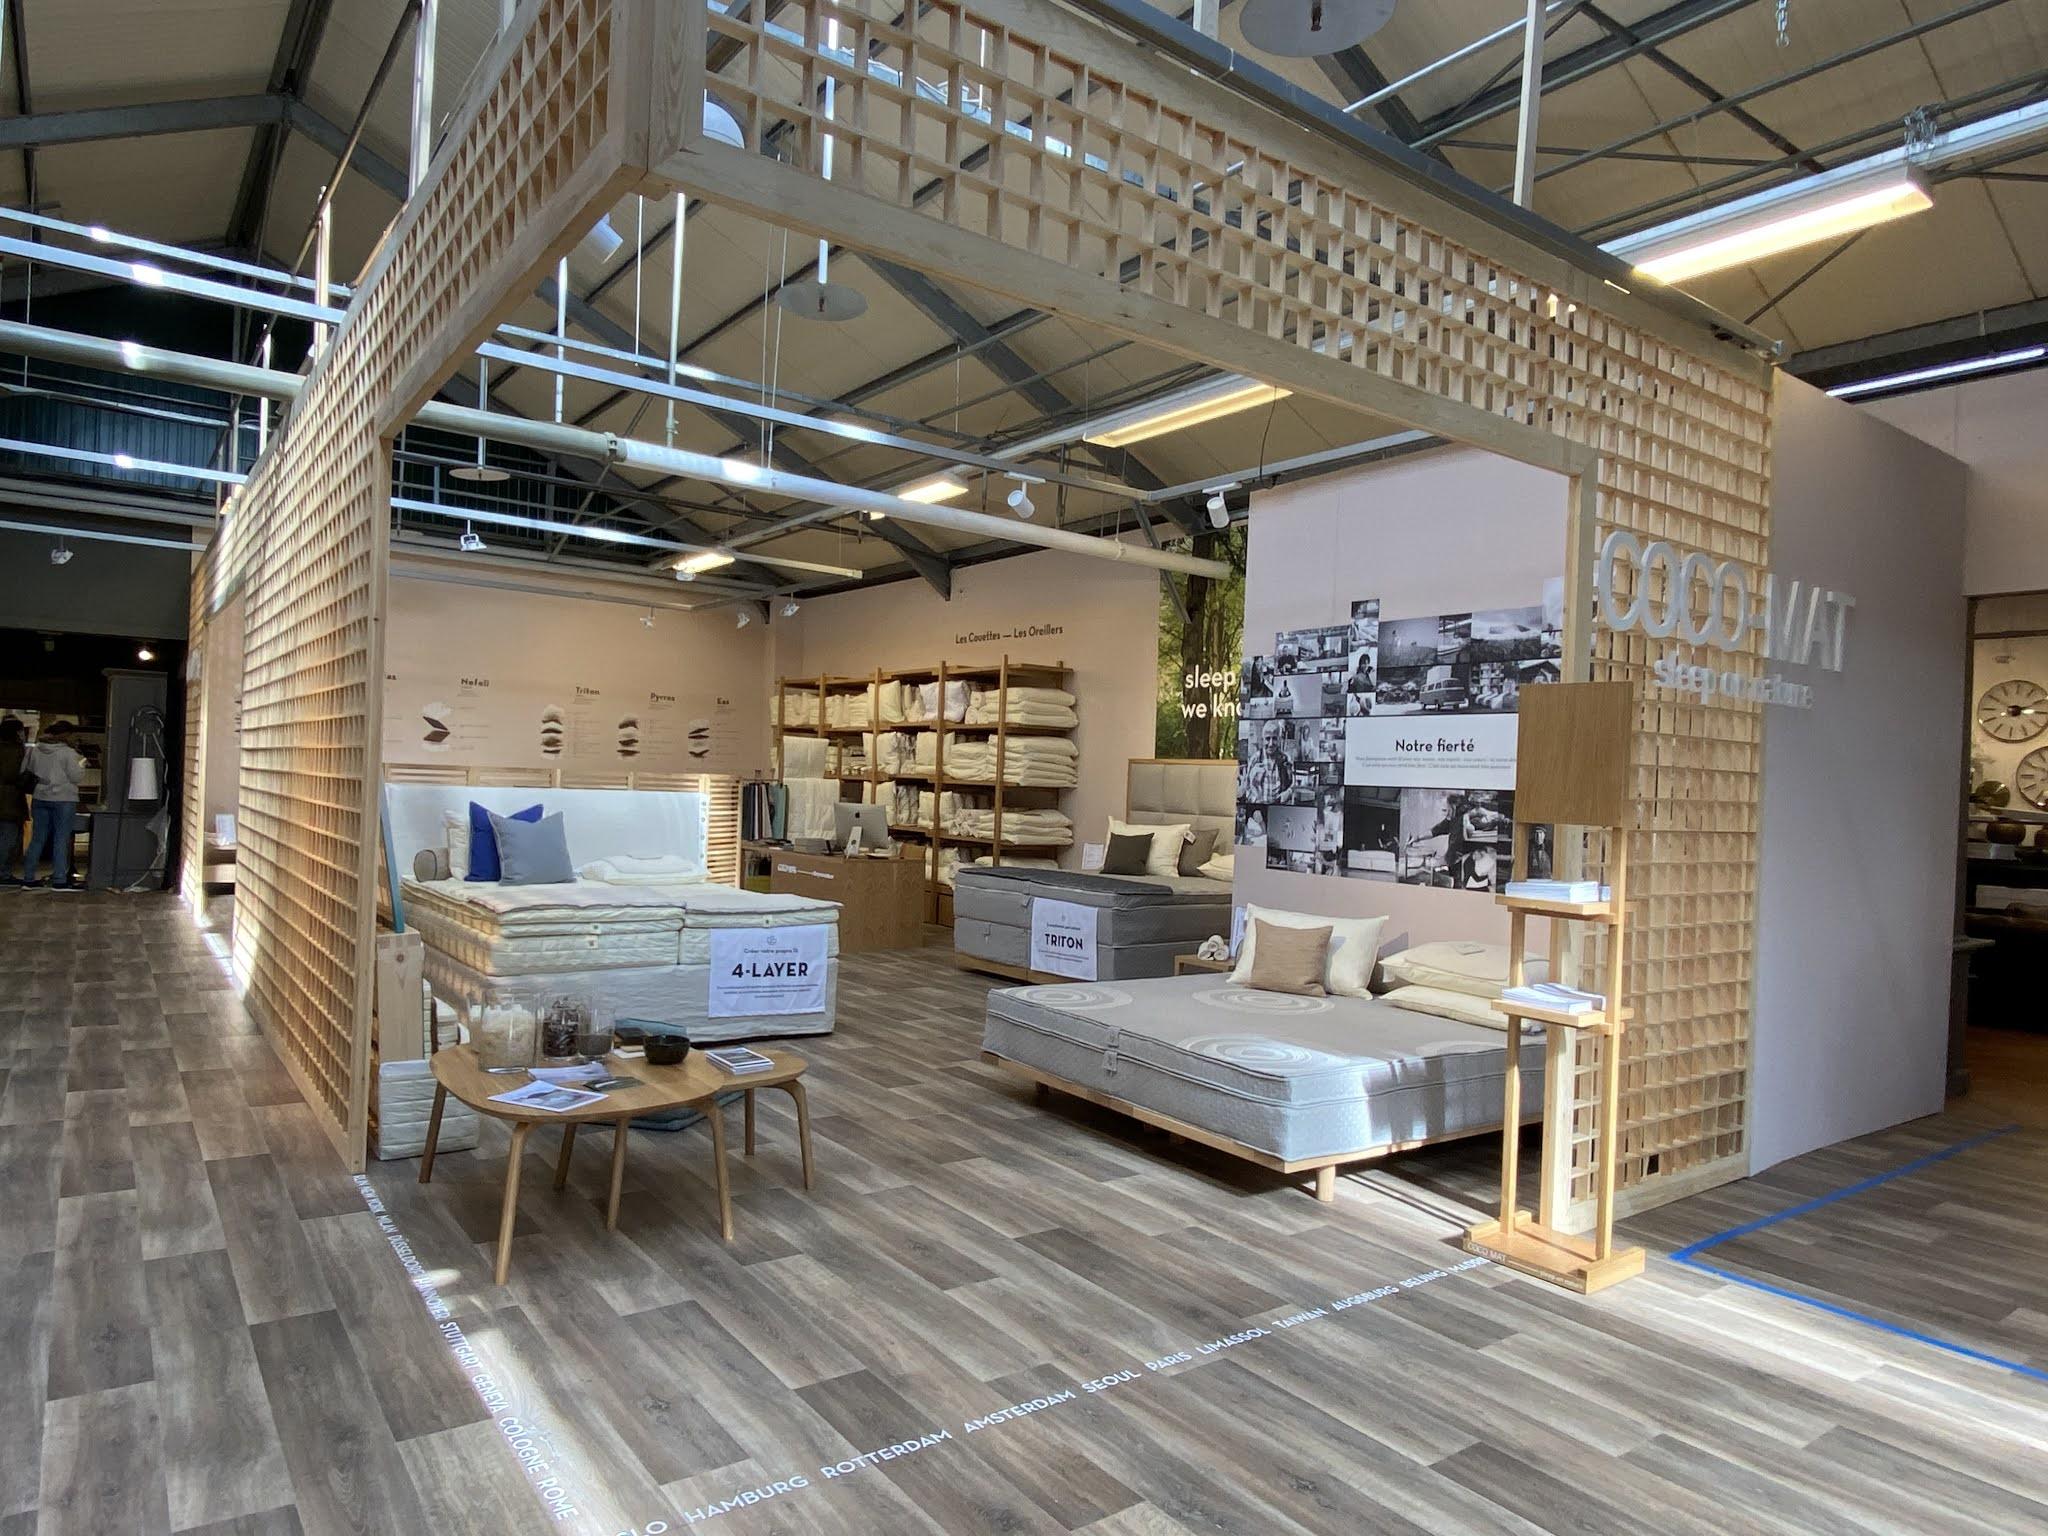 Από την Ξάνθη στην Ελβετία: Νέο κατάστημα COCO-MAT στο Gland